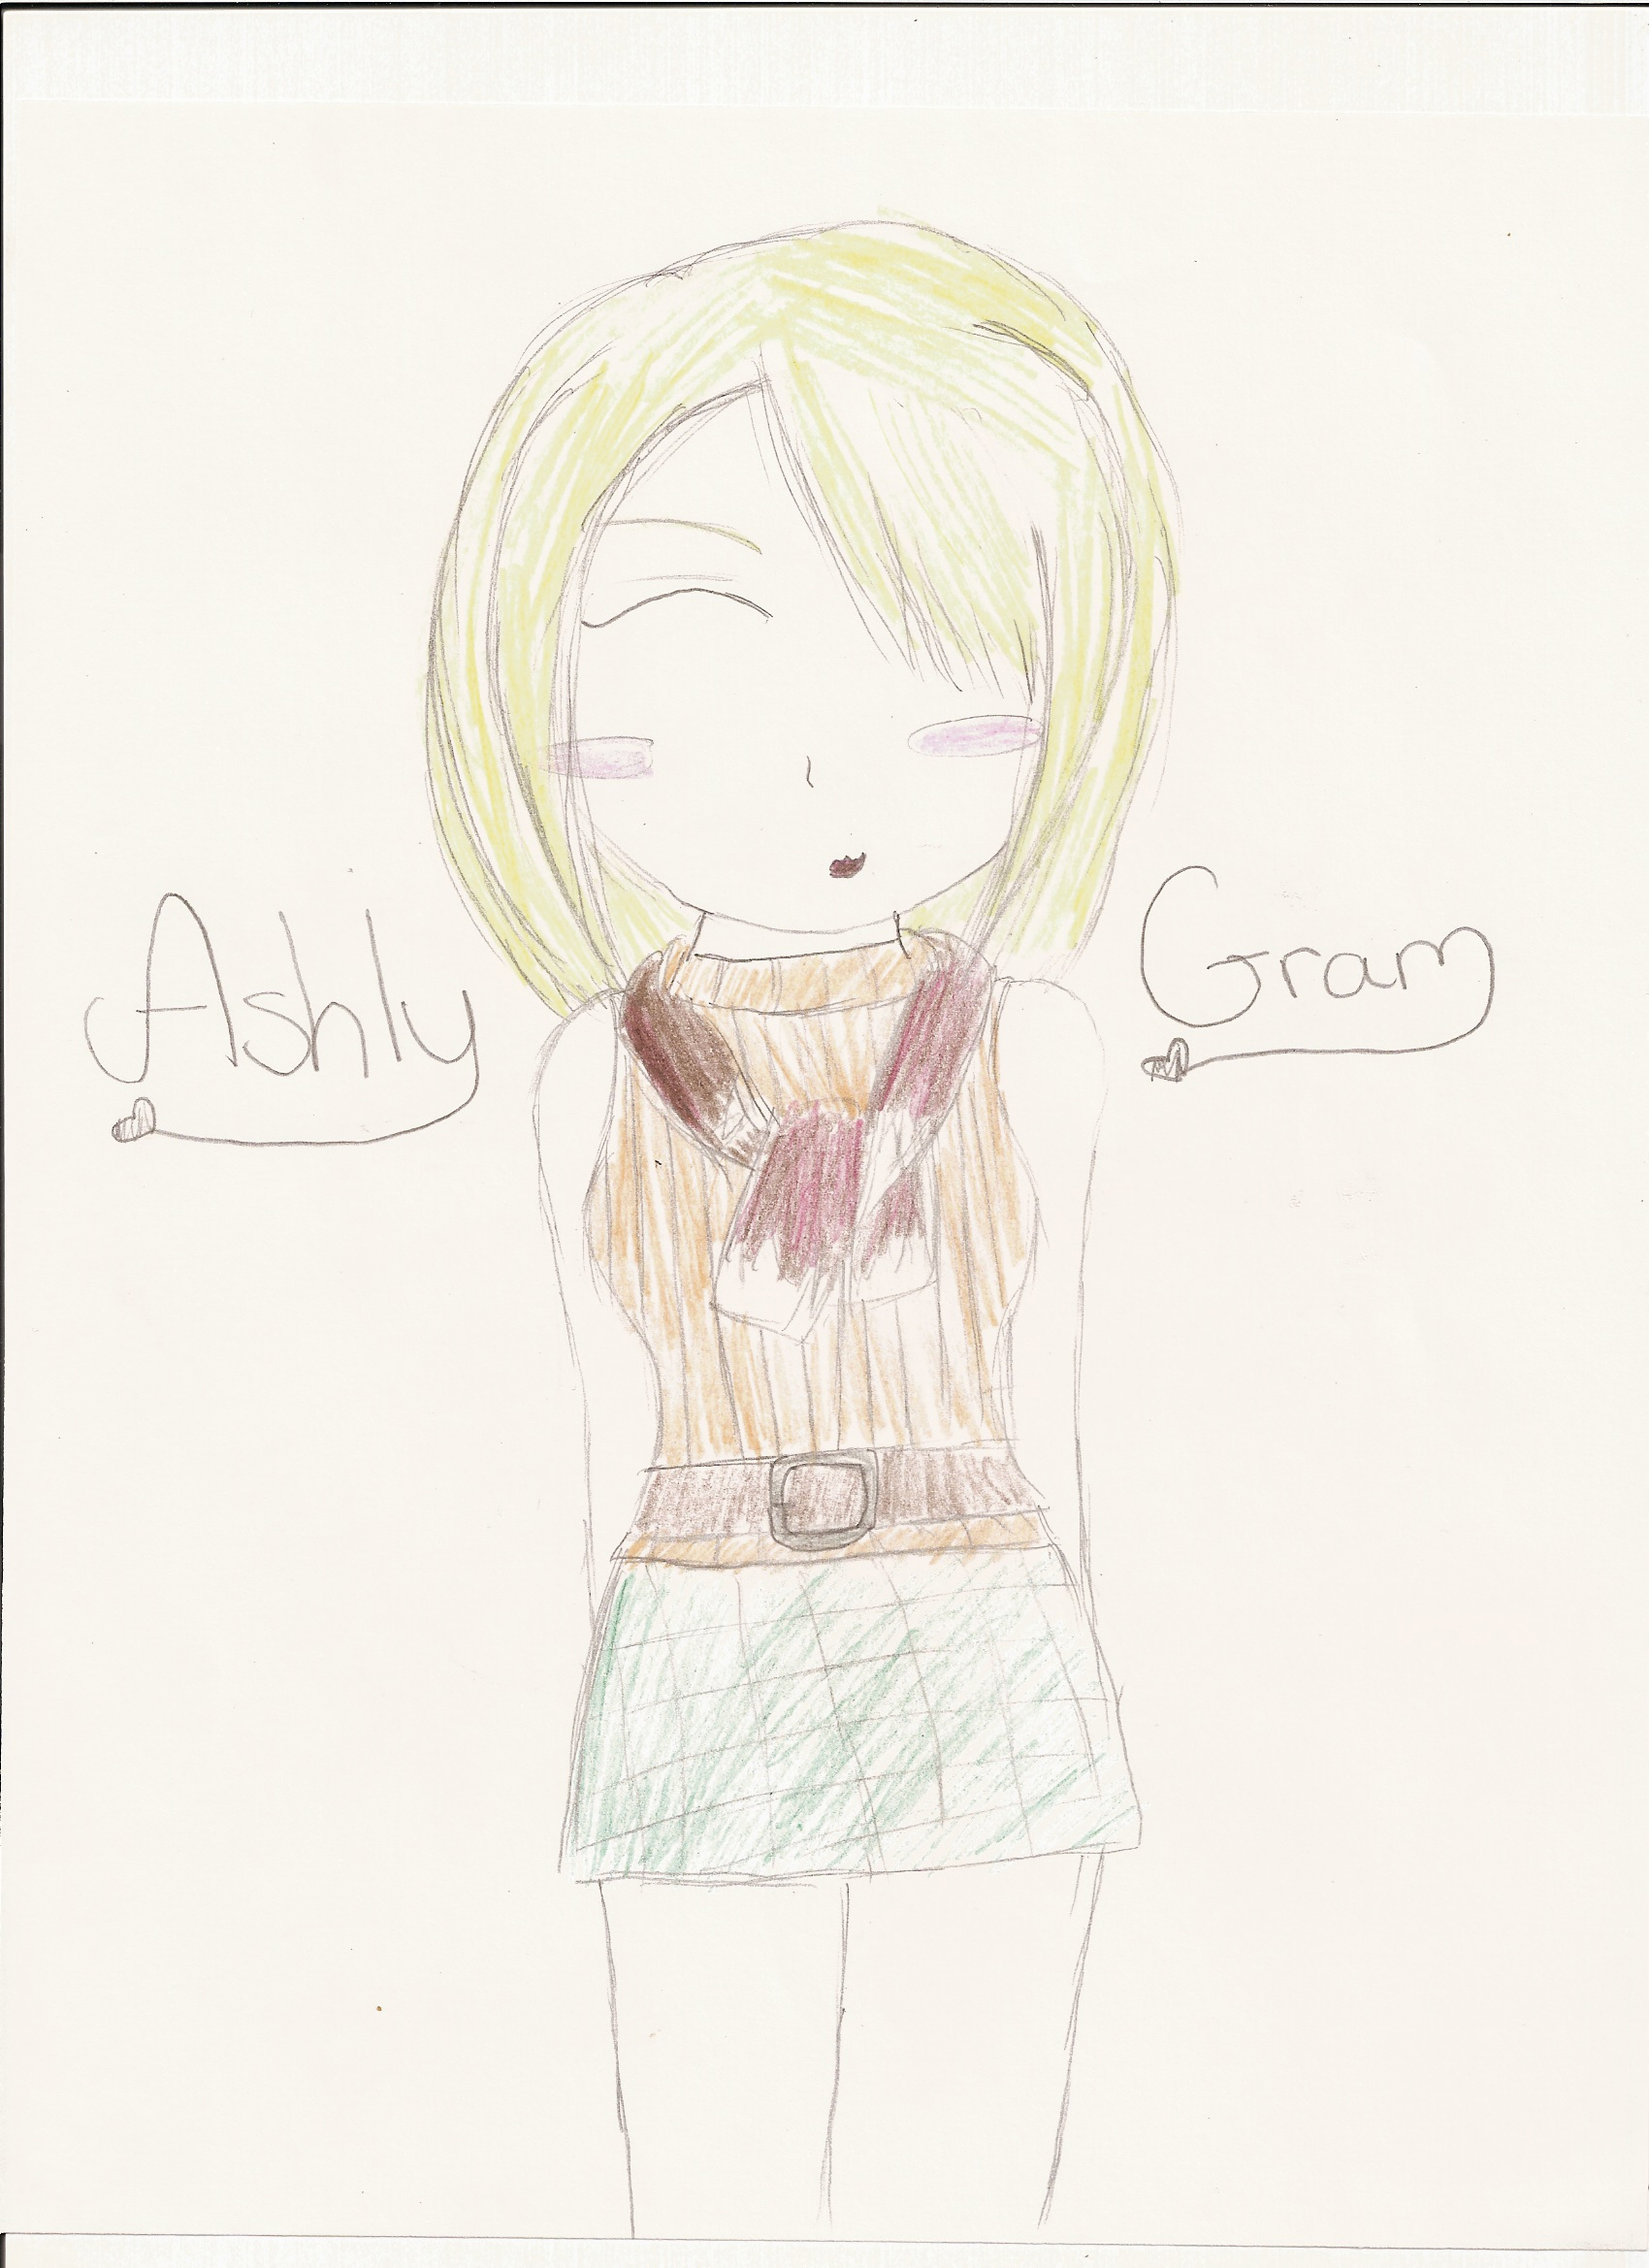 Ashly Gram by Kimikoprincesspancho